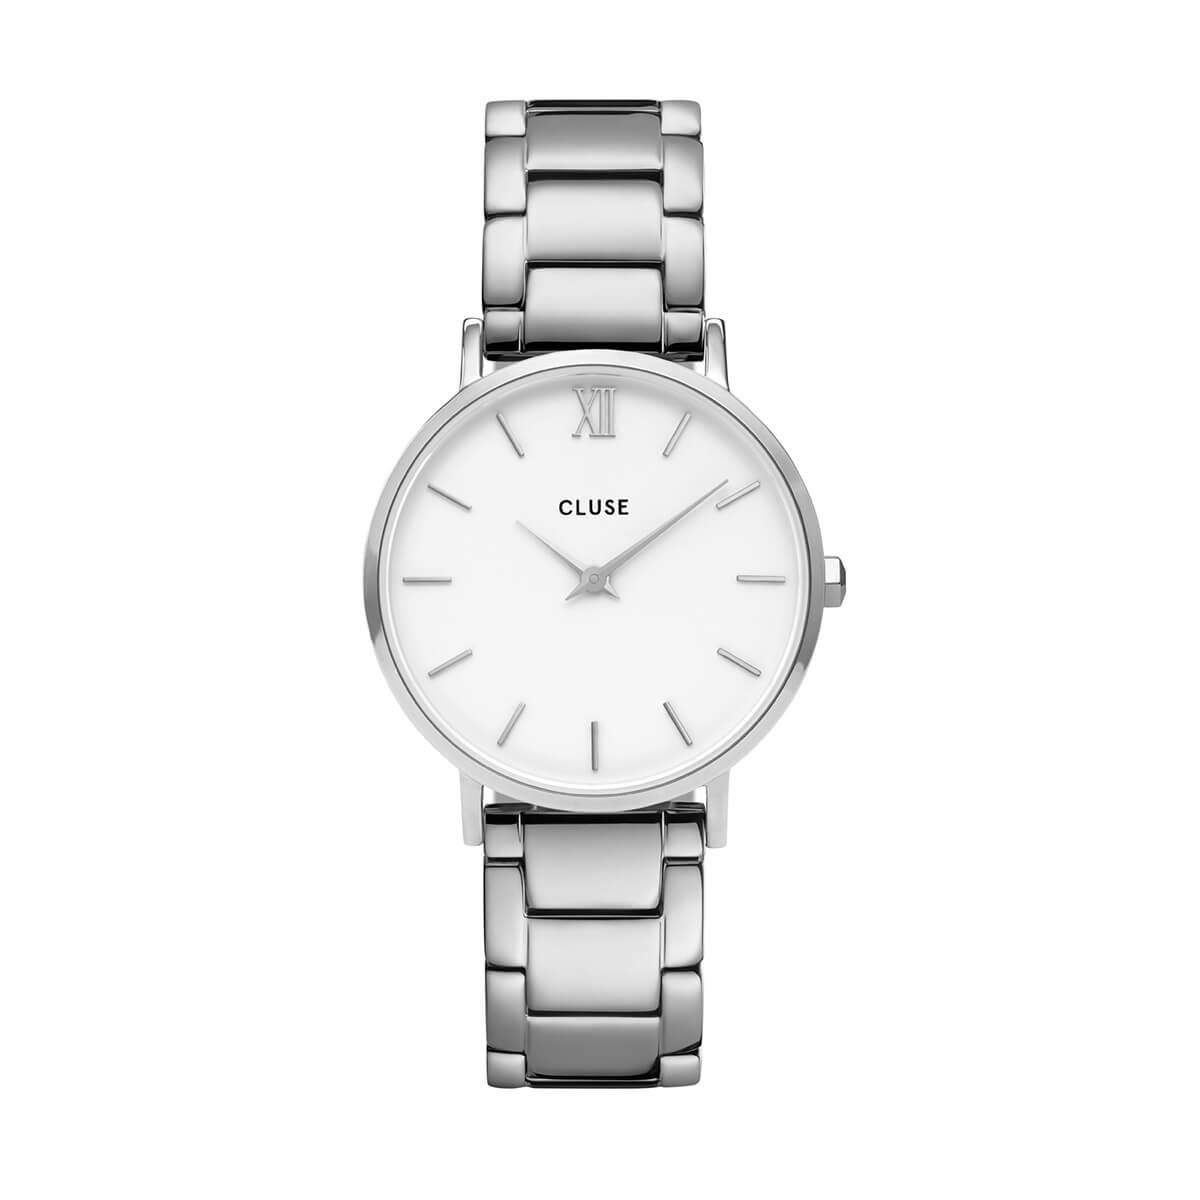 愛花 着用 33mm - CW0101203026 ミニュイ 3リンク シルバー ホワイト シルバー CLUSE クルース 腕時計